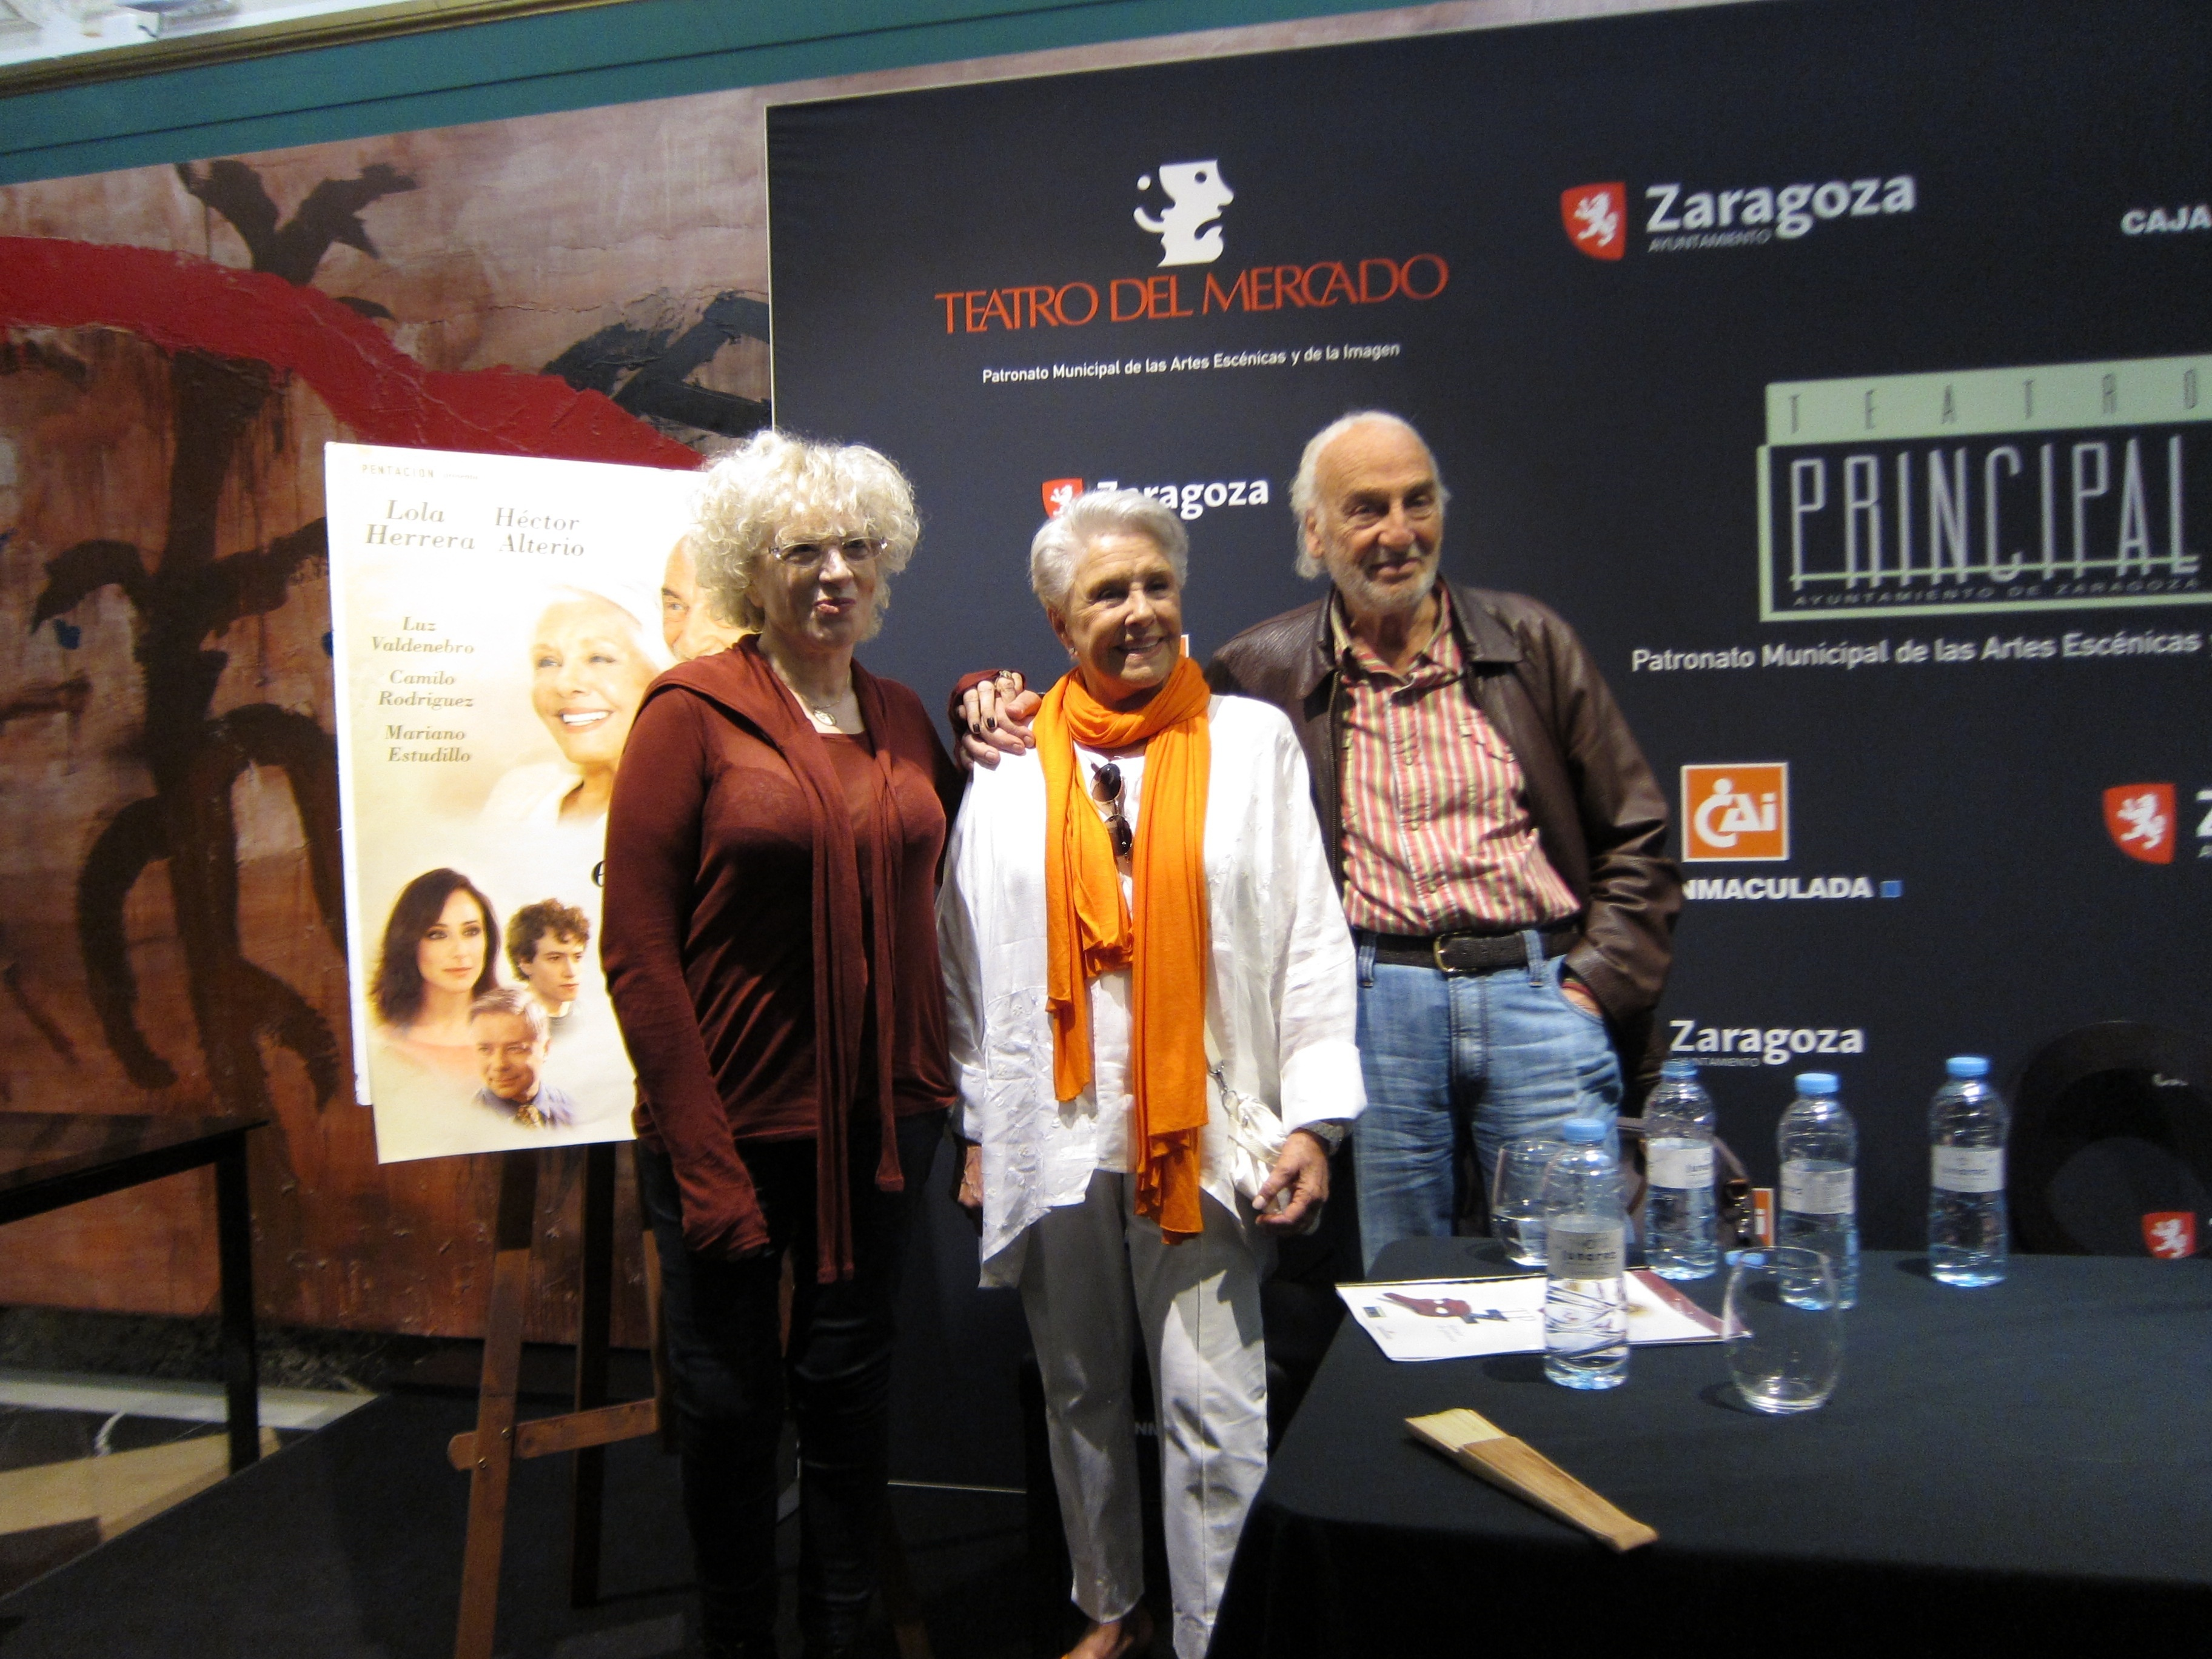 Lola Herrera y Héctor Alterio «golpean el corazón» del público con estreno nacional de »En el estanque dorado»